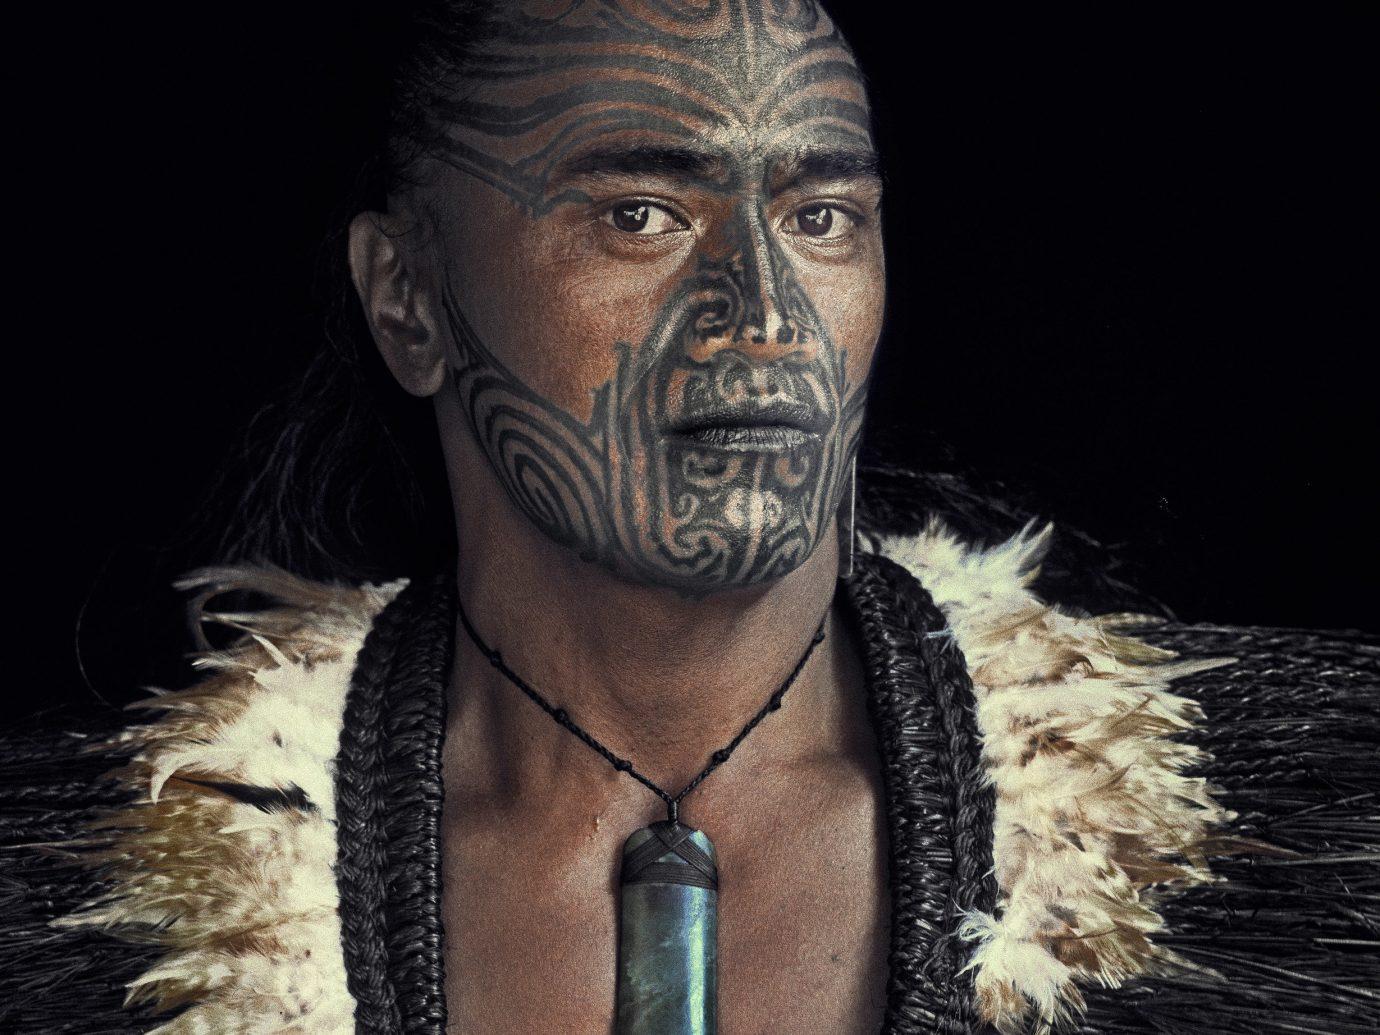 Arts + Culture person head art costume portrait masque dark